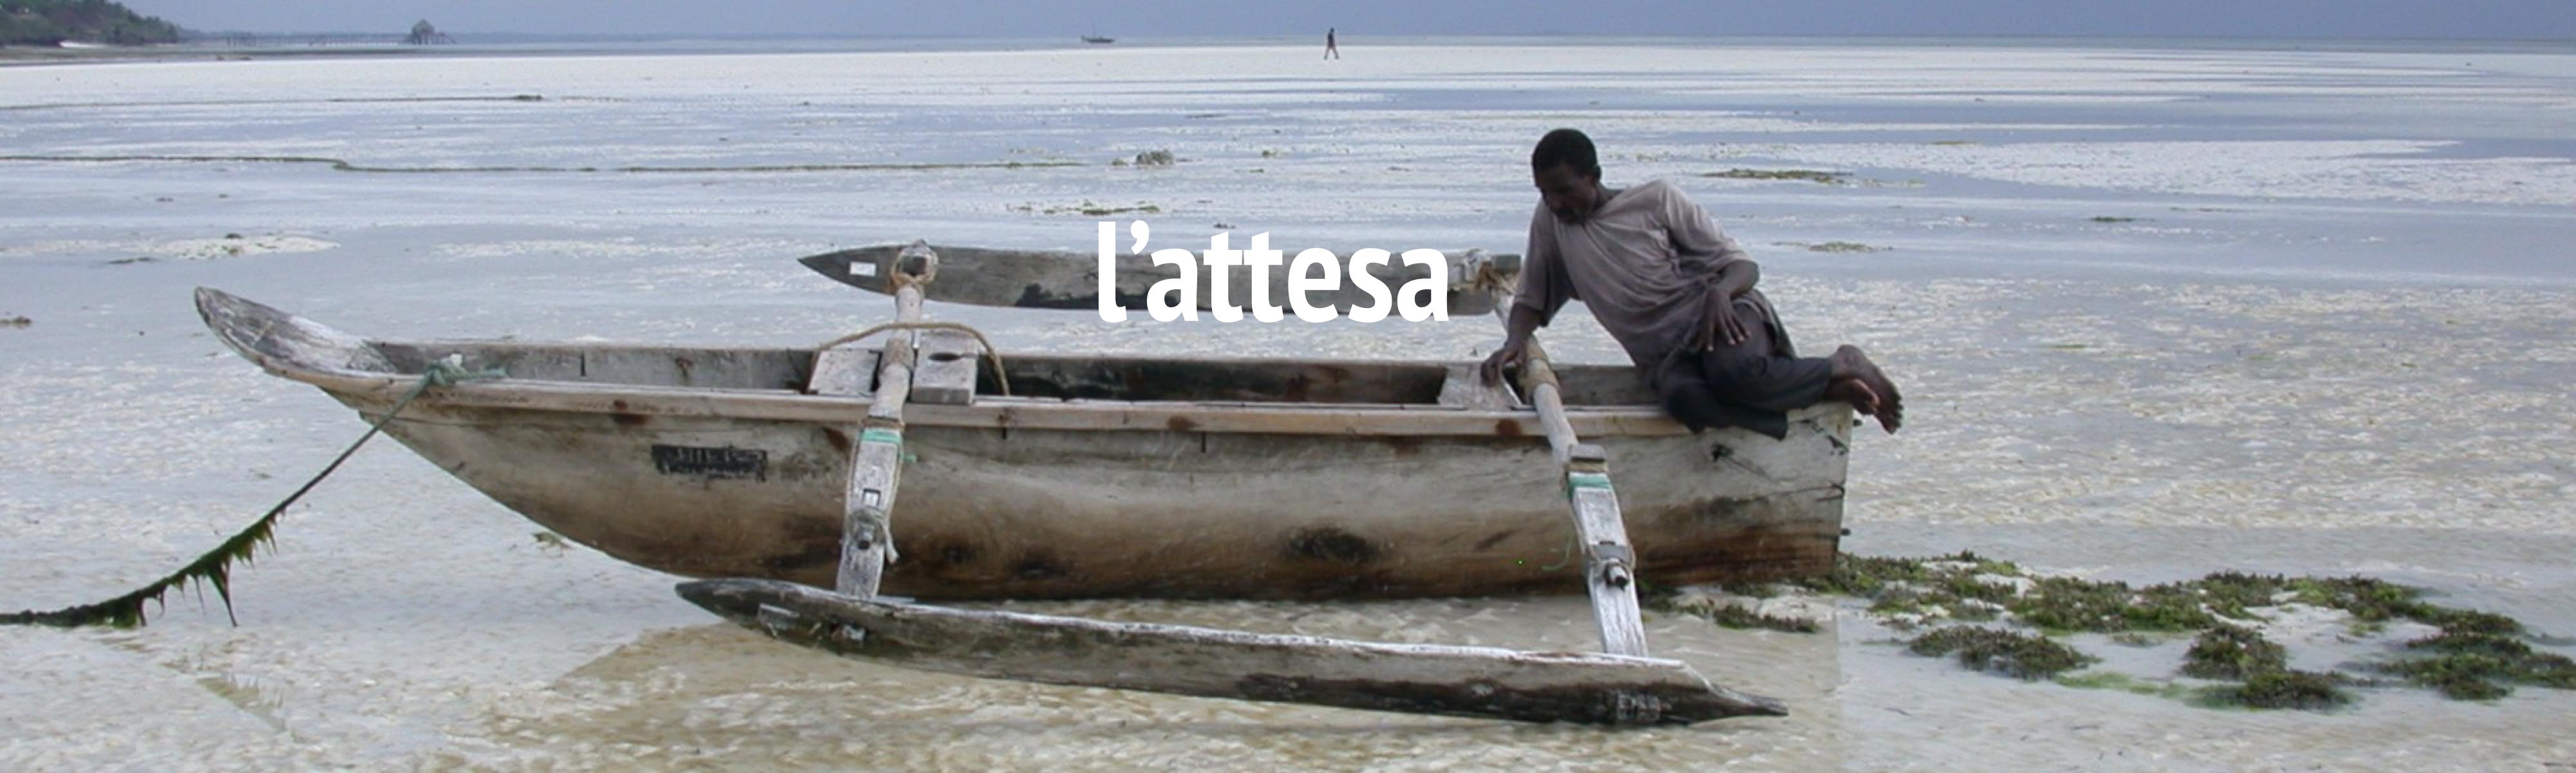 L'attesa - Uomo su una barca in riva all'oceano